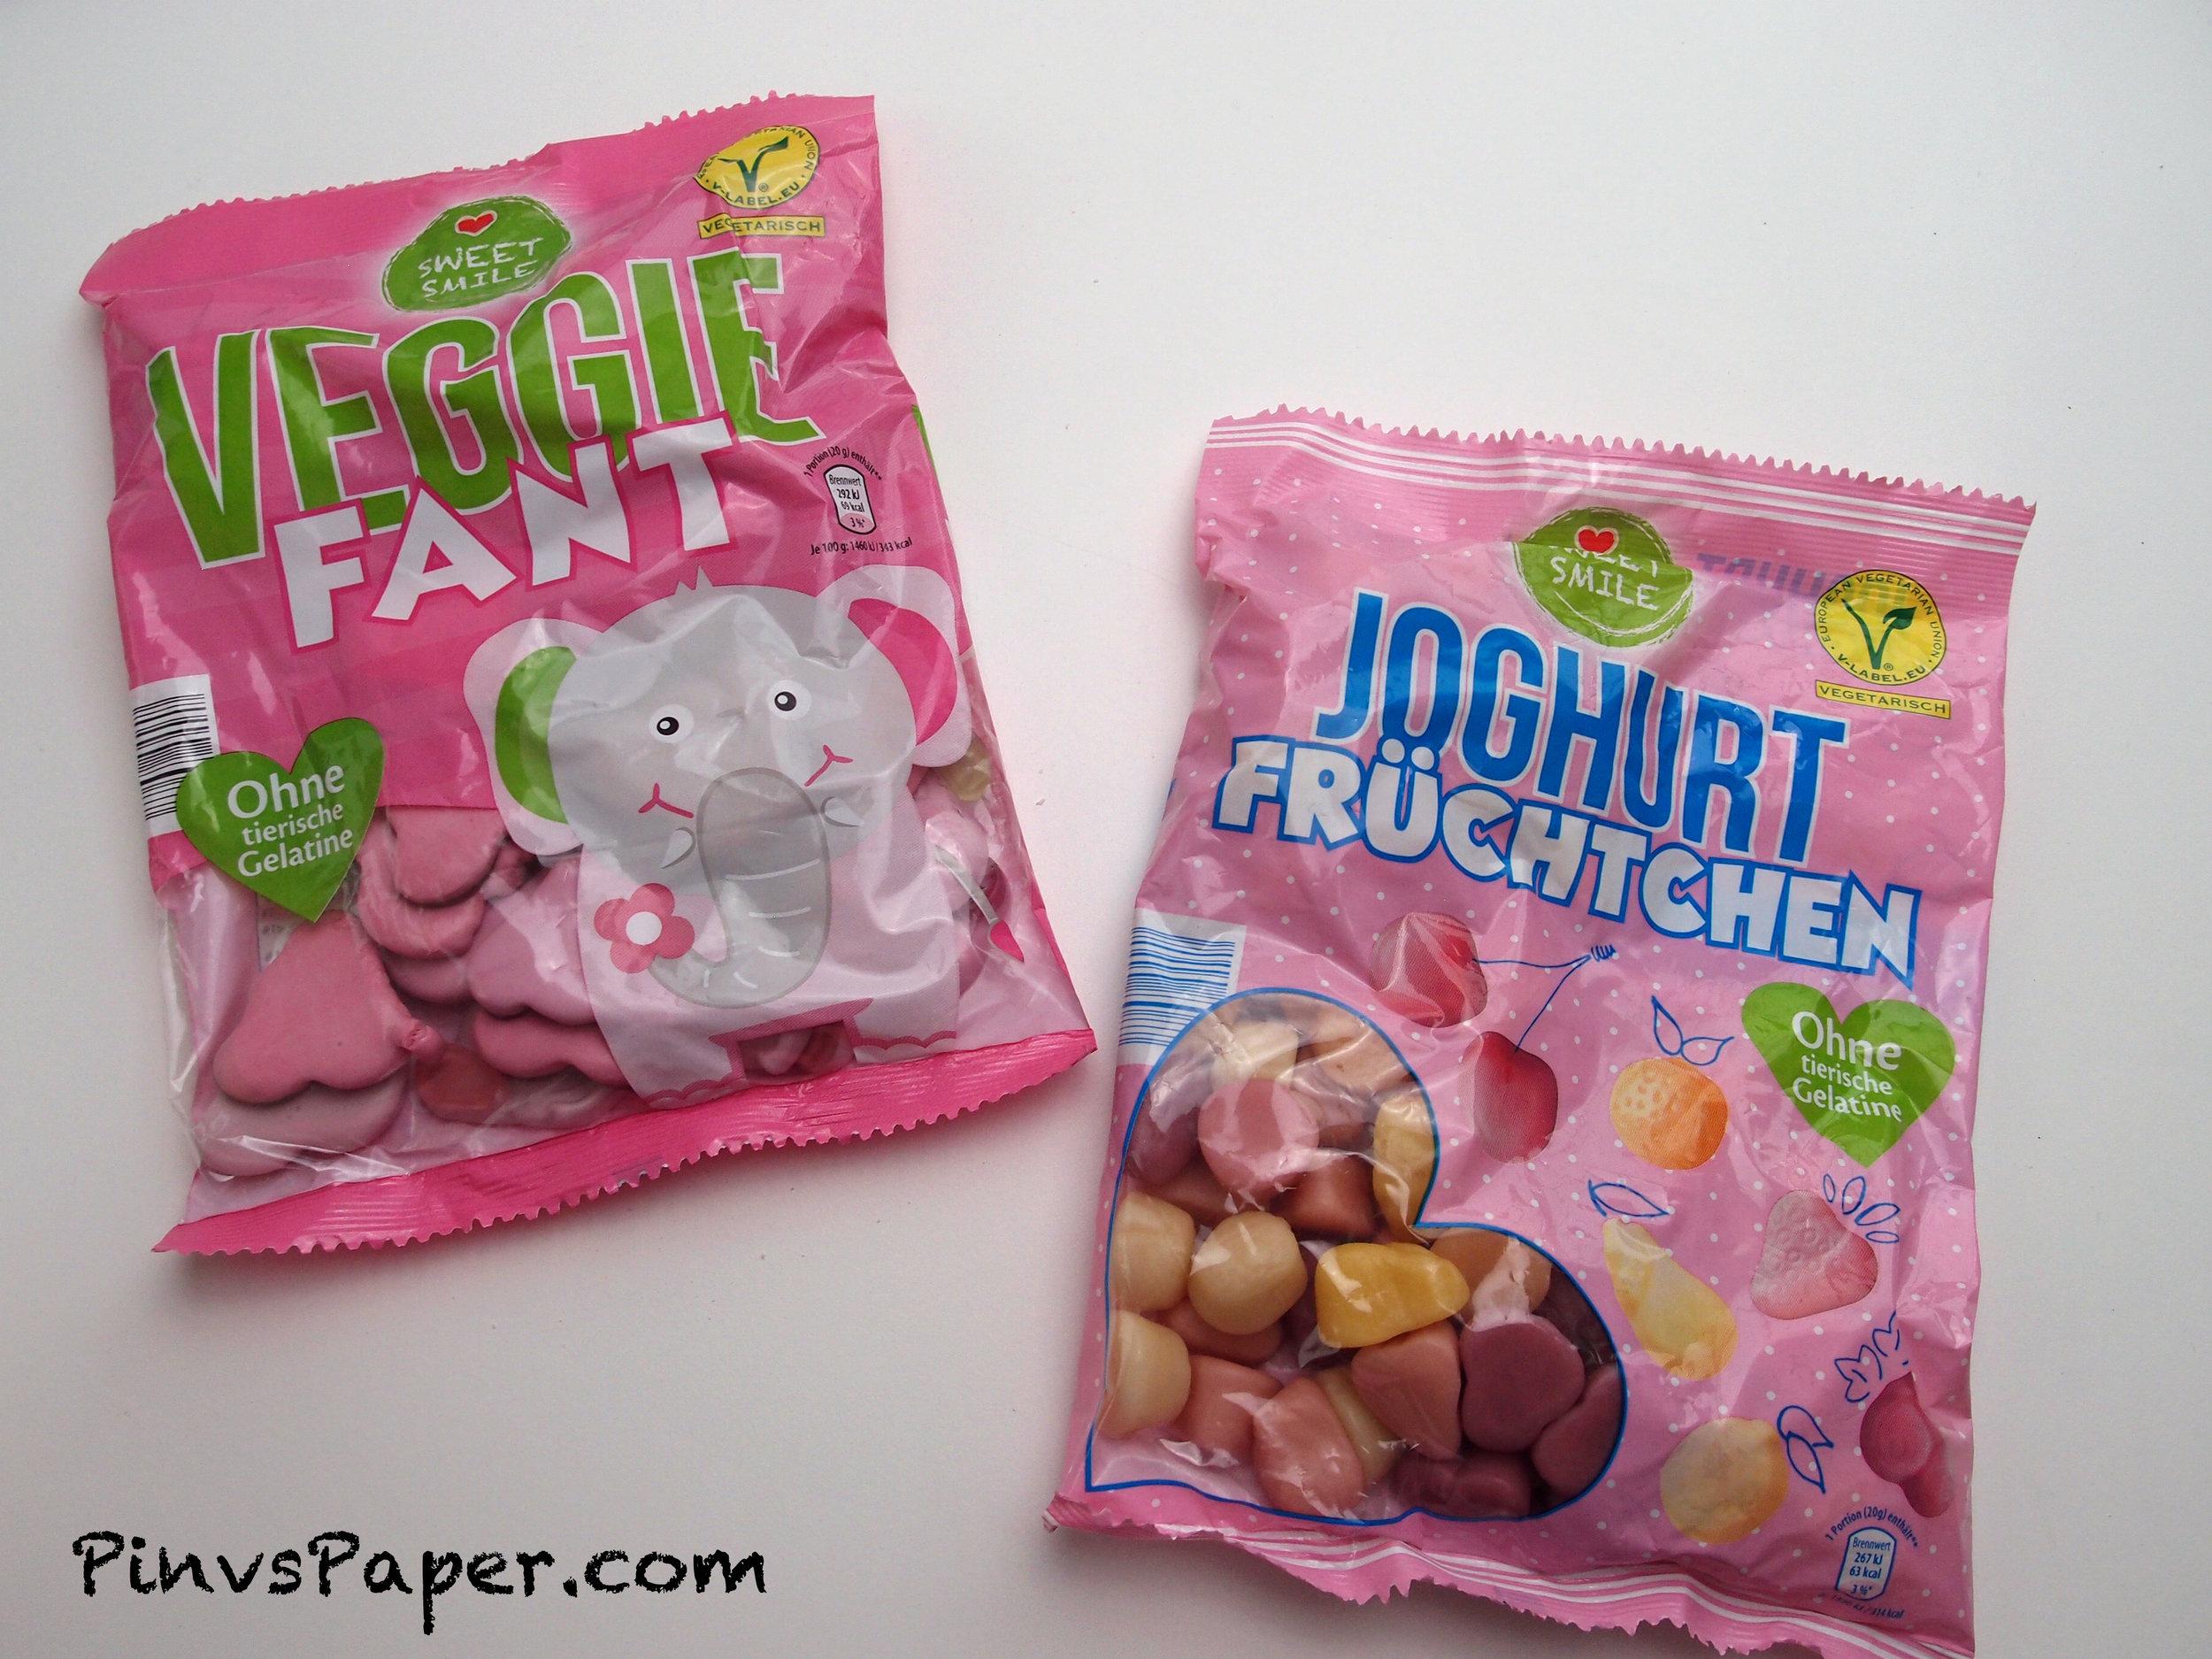 Vegetarische Alternative für die Candybar